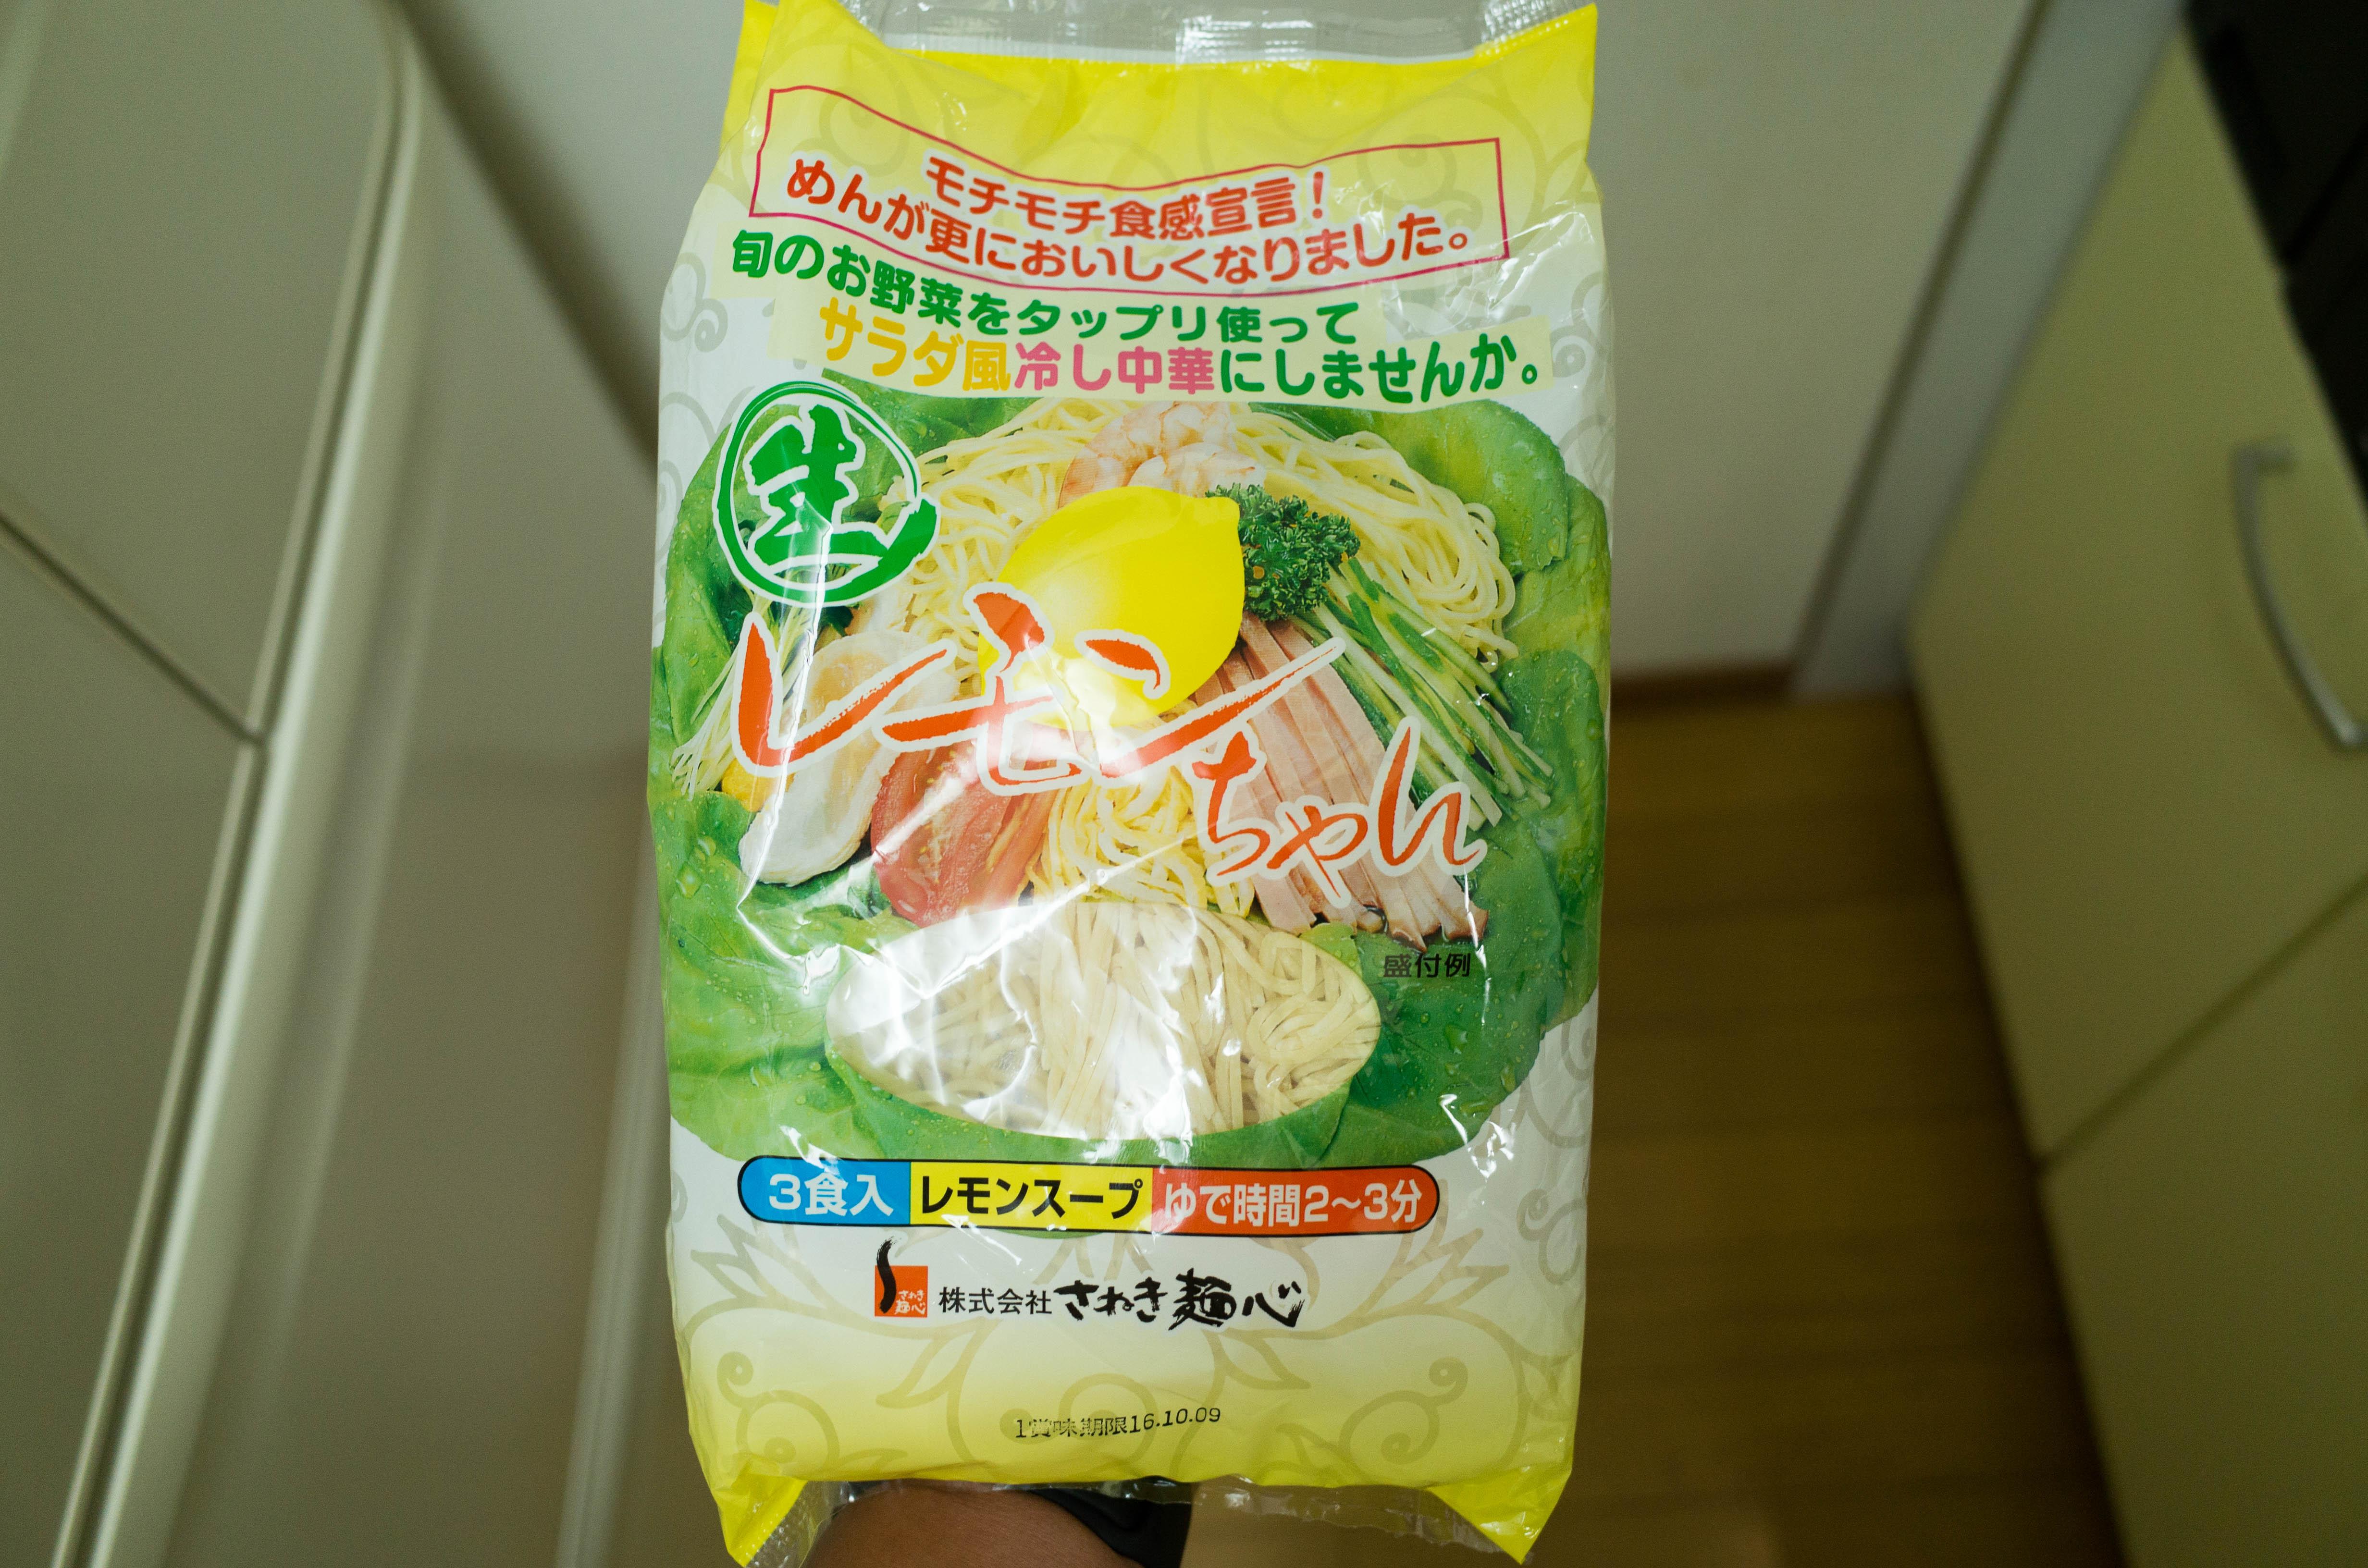 レモンちゃん 讃岐の冷やし中華と言えばこれらしいので涼しくなってきて今頃感満載だけど食べてみた!